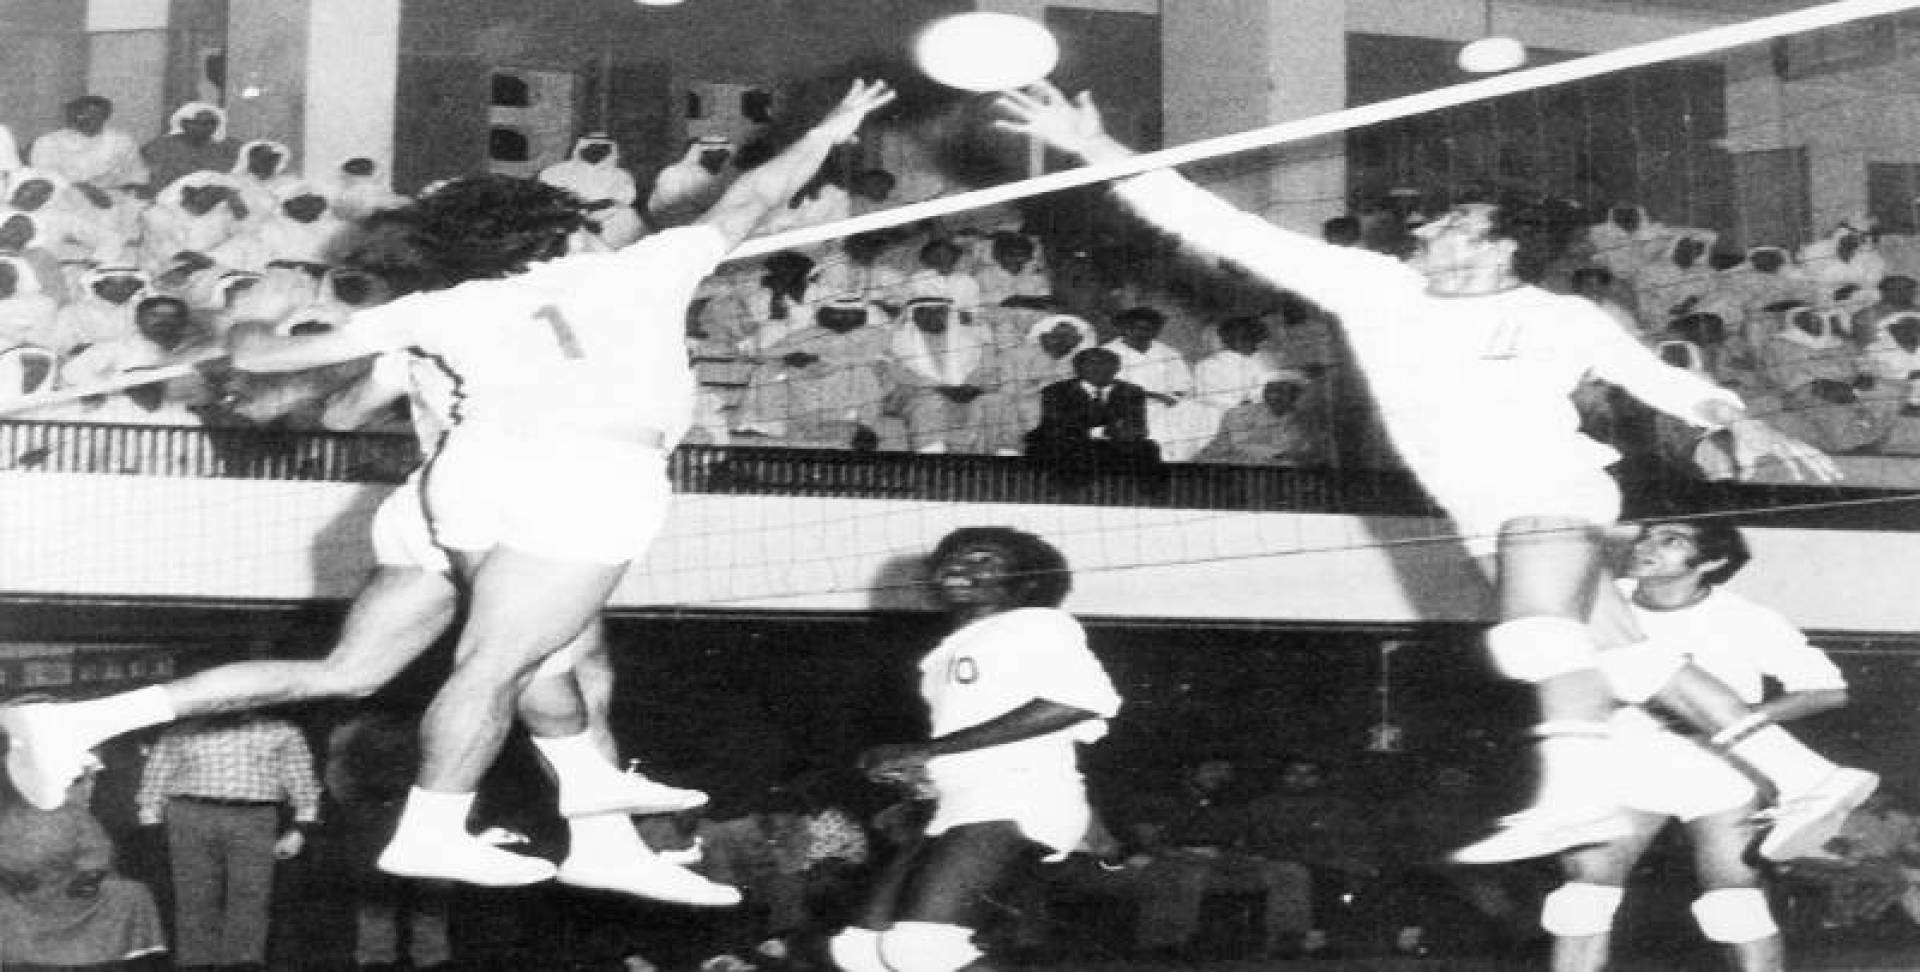 شعيب يحول كرة من فوق الشبكة إلى ملعب الفريق الأردني.. تصوير محمد بيدق